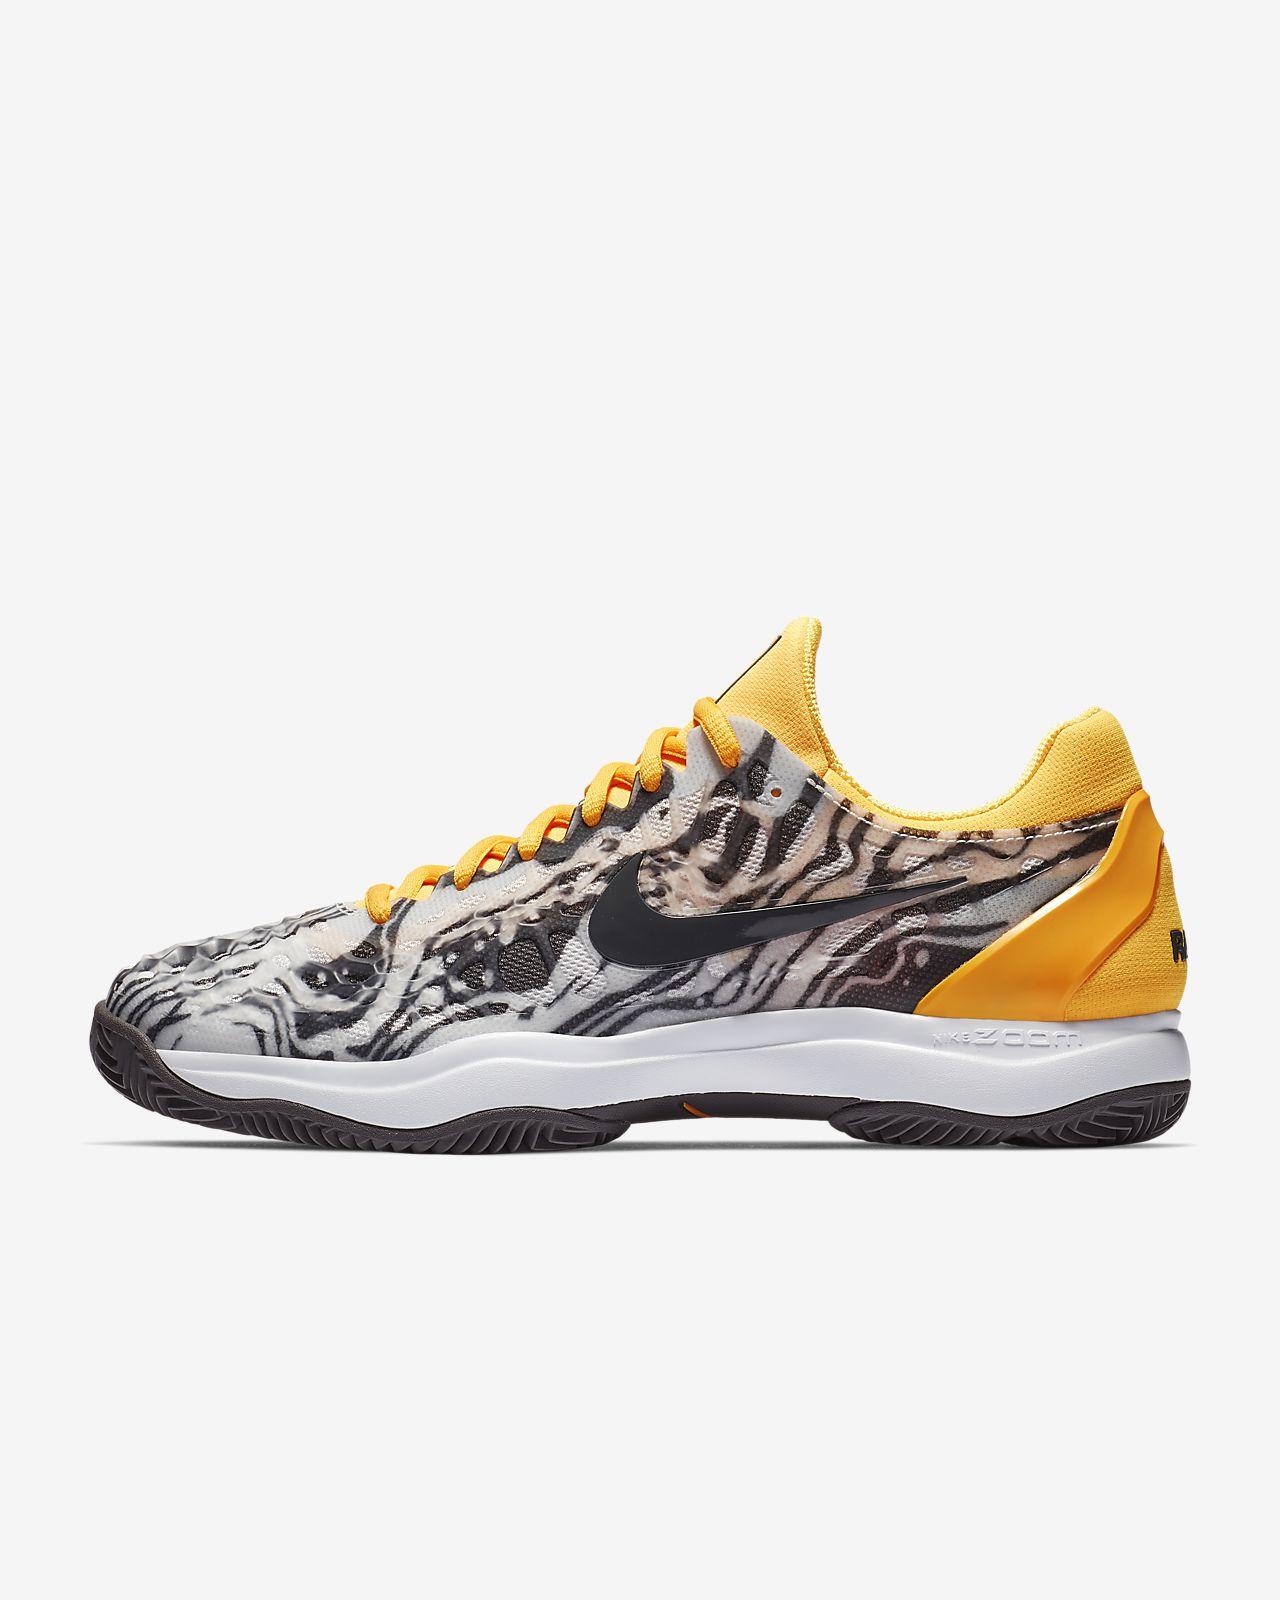 reputable site ab2fd b5abb ... Nike Zoom Cage 3 Clay Zapatillas de tenis - Hombre